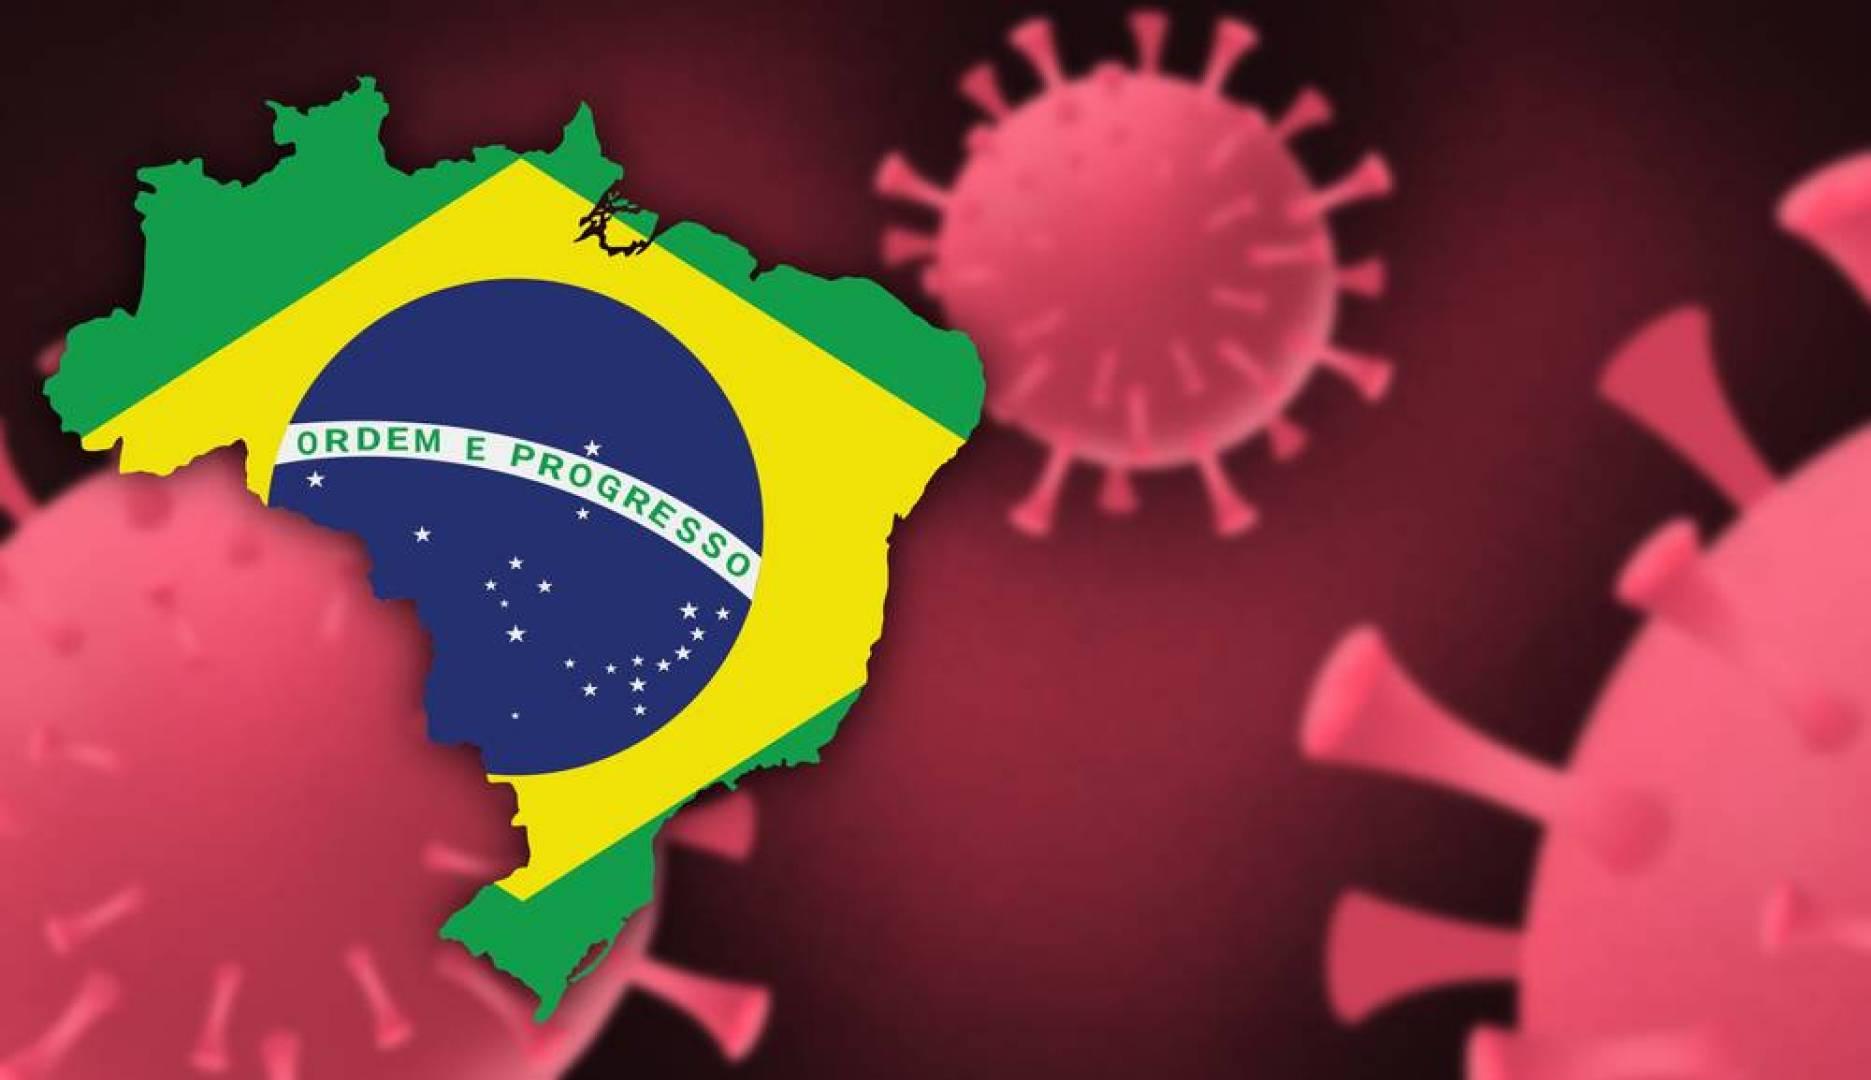 البرازيل تقفز إلى المركز الثاني في عدد الإصابات بـ«كورونا» عالمياَ.. بعد أميركا